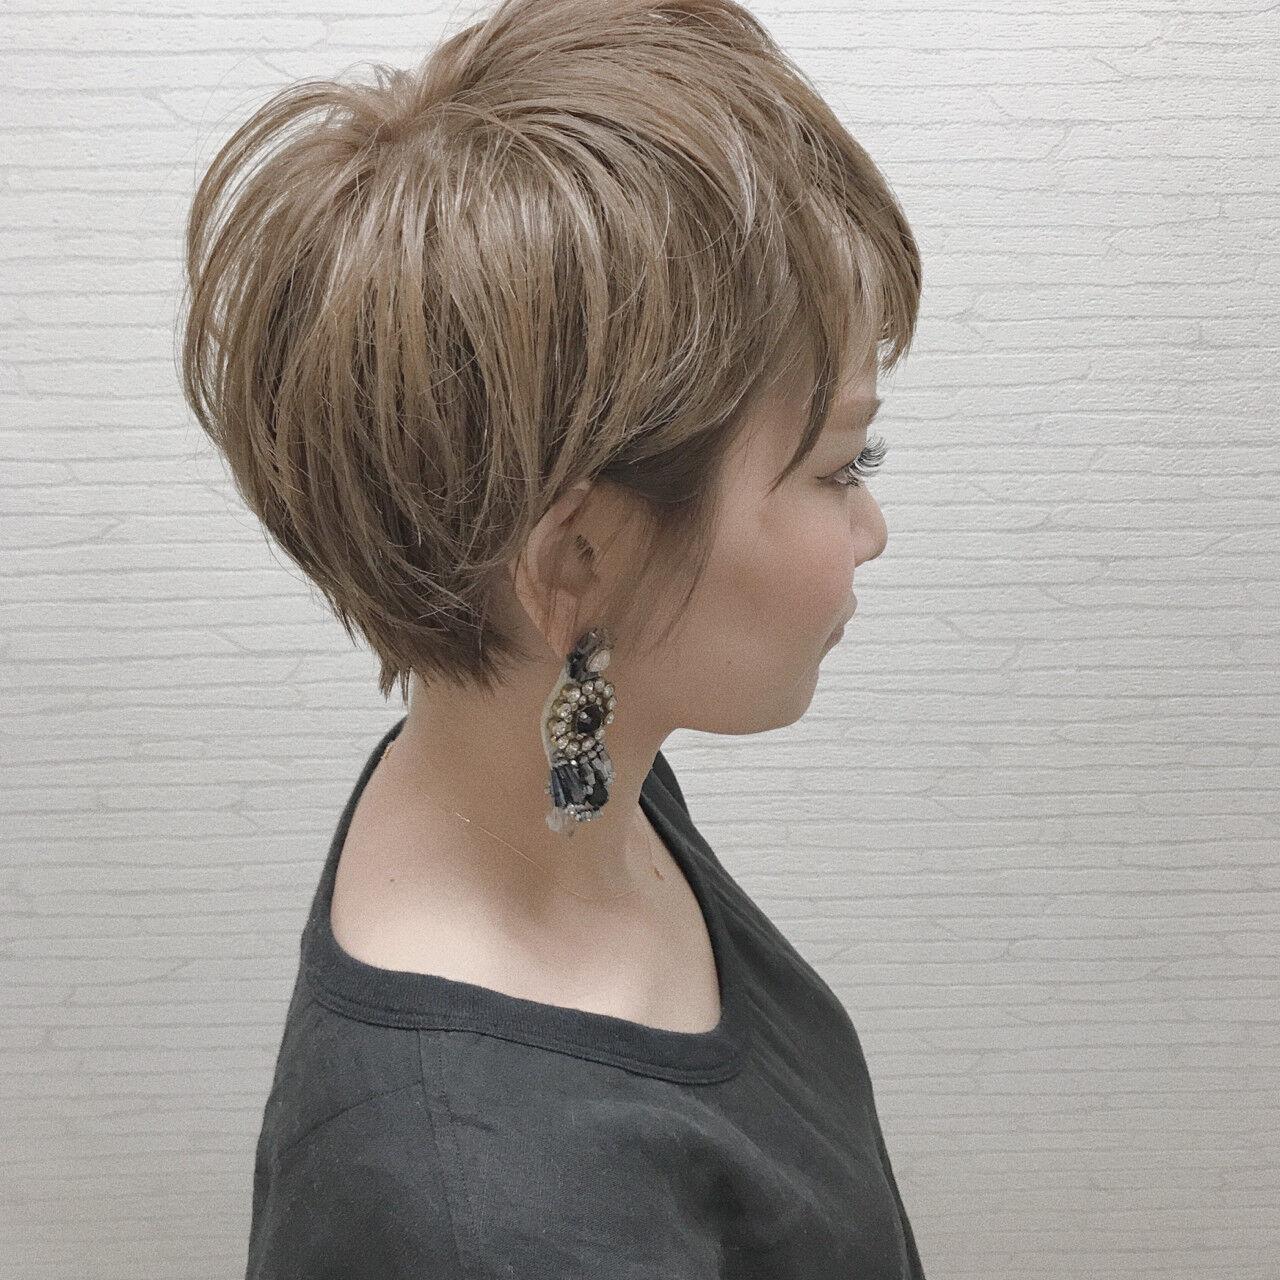 ショート ナチュラル 女子会 似合わせヘアスタイルや髪型の写真・画像